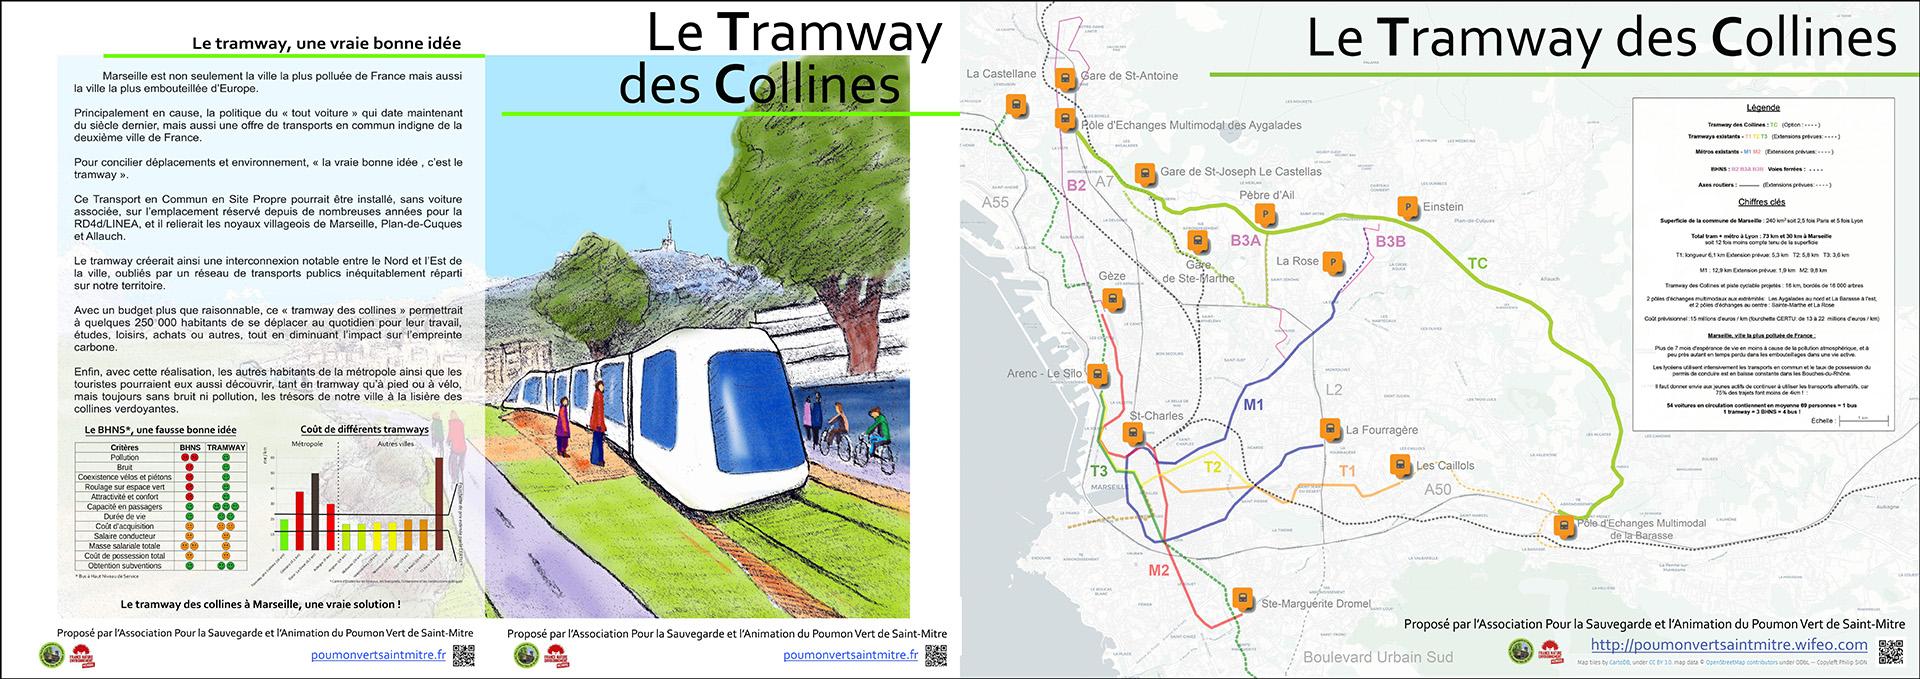 Dépliant Tramway des Collines avec argumentaire